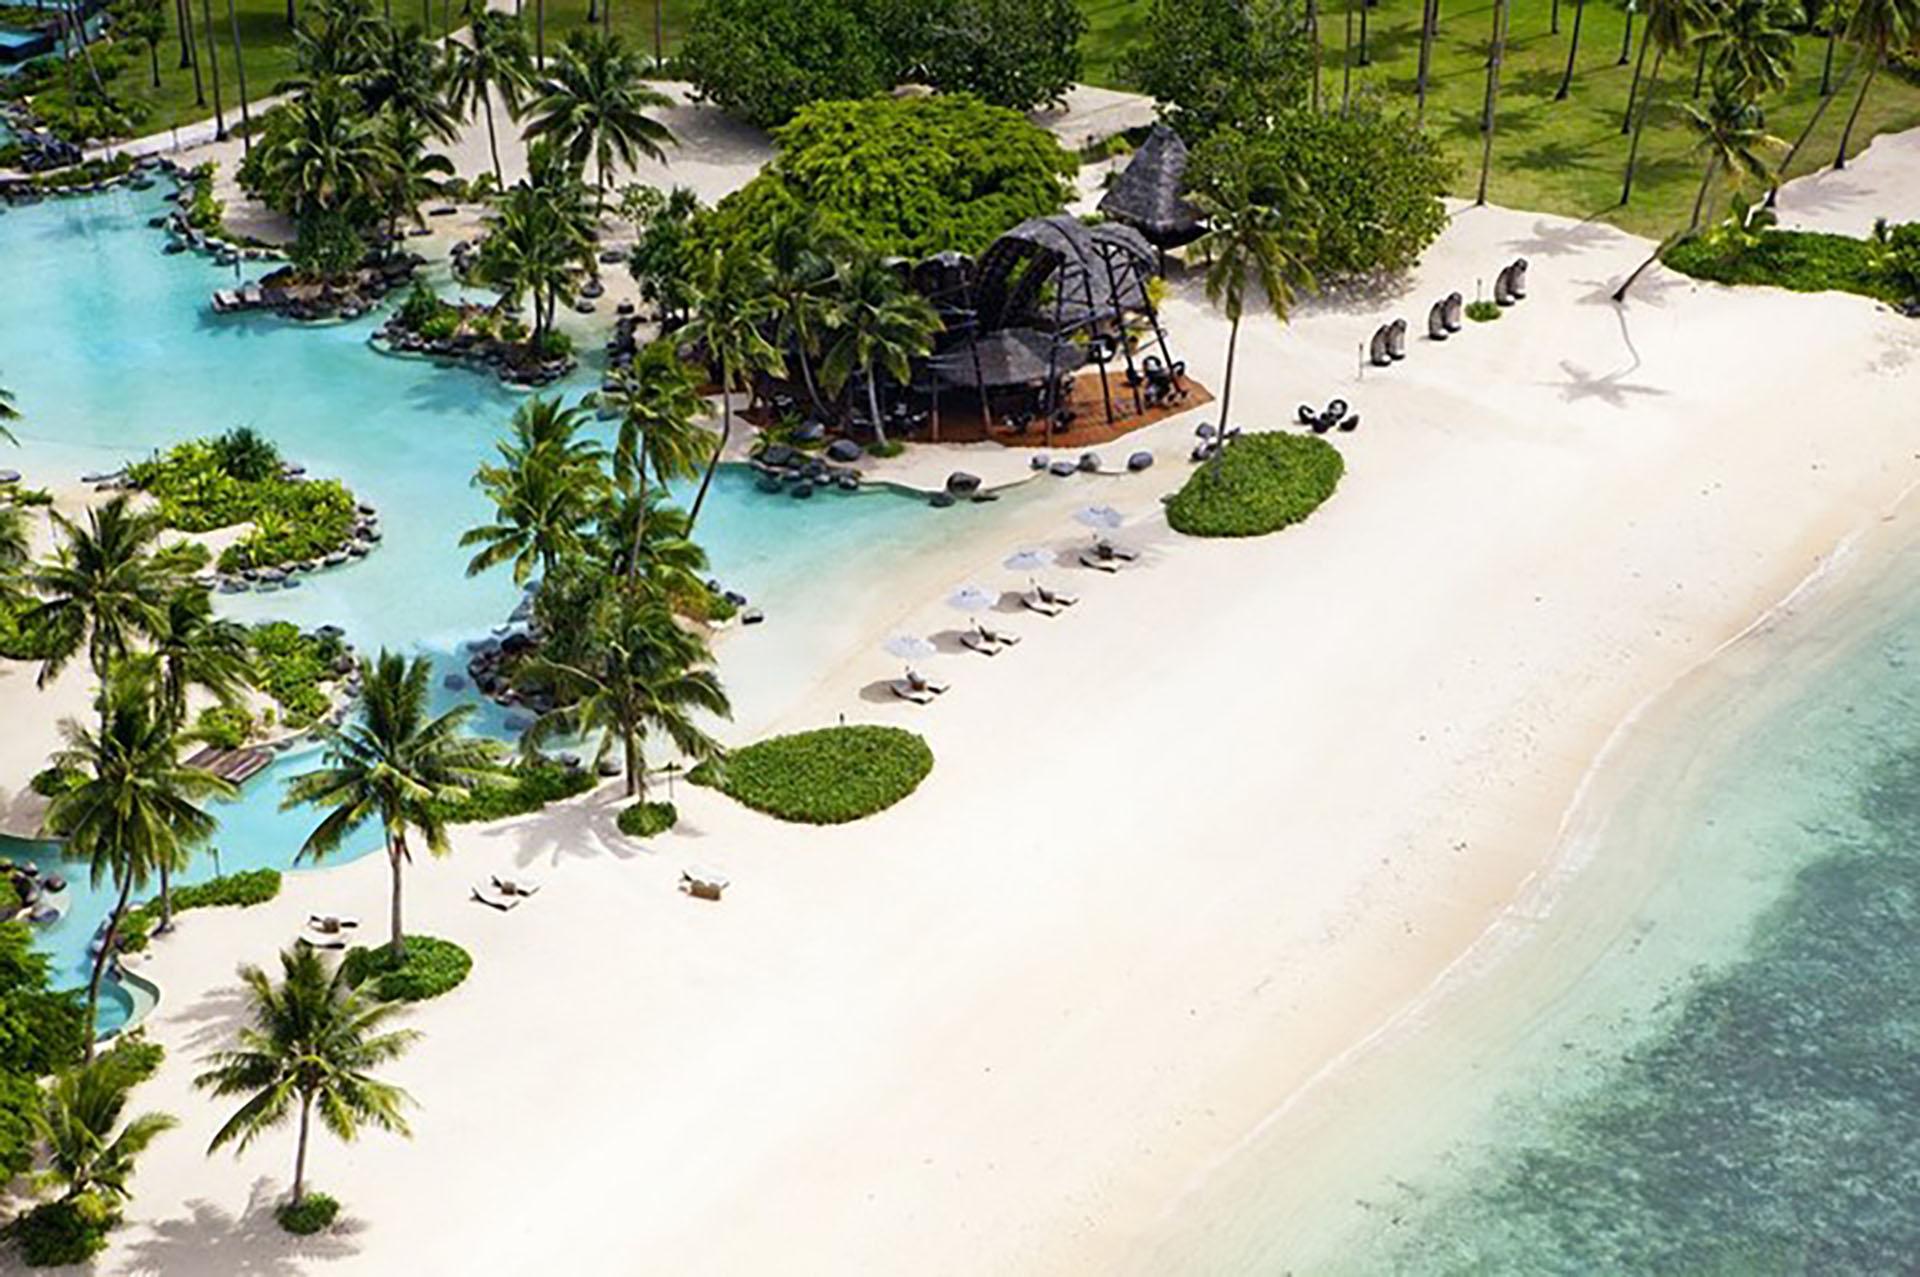 Esta asombrosa bahía, ubicada en una lujosa isla privada en Fiji, se encuentra en una sección de la selva tropical de la isla, con importante vegetación y presencia de especies animales, son el escenario de un paraíso privado